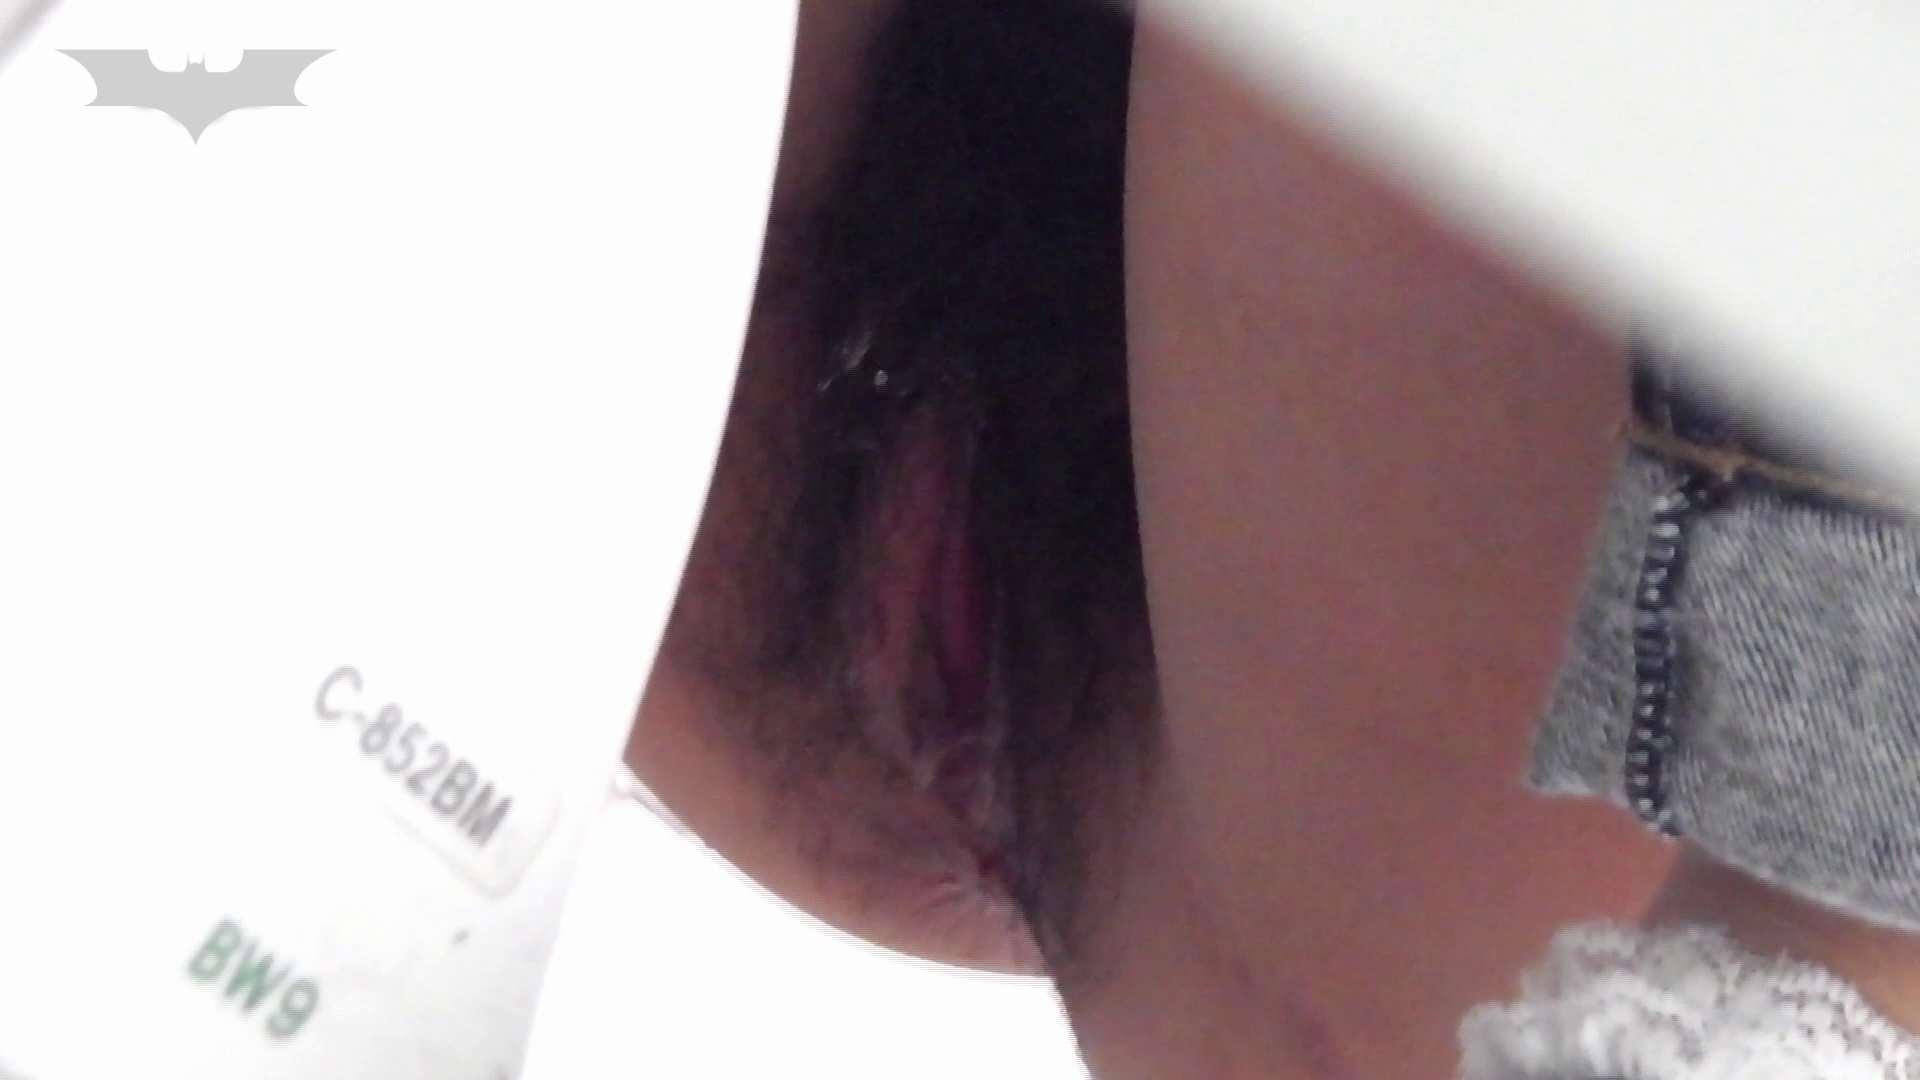 トイレ盗撮|美しい日本の未来 No.33 黒パンをやっと下げる?|怪盗ジョーカー